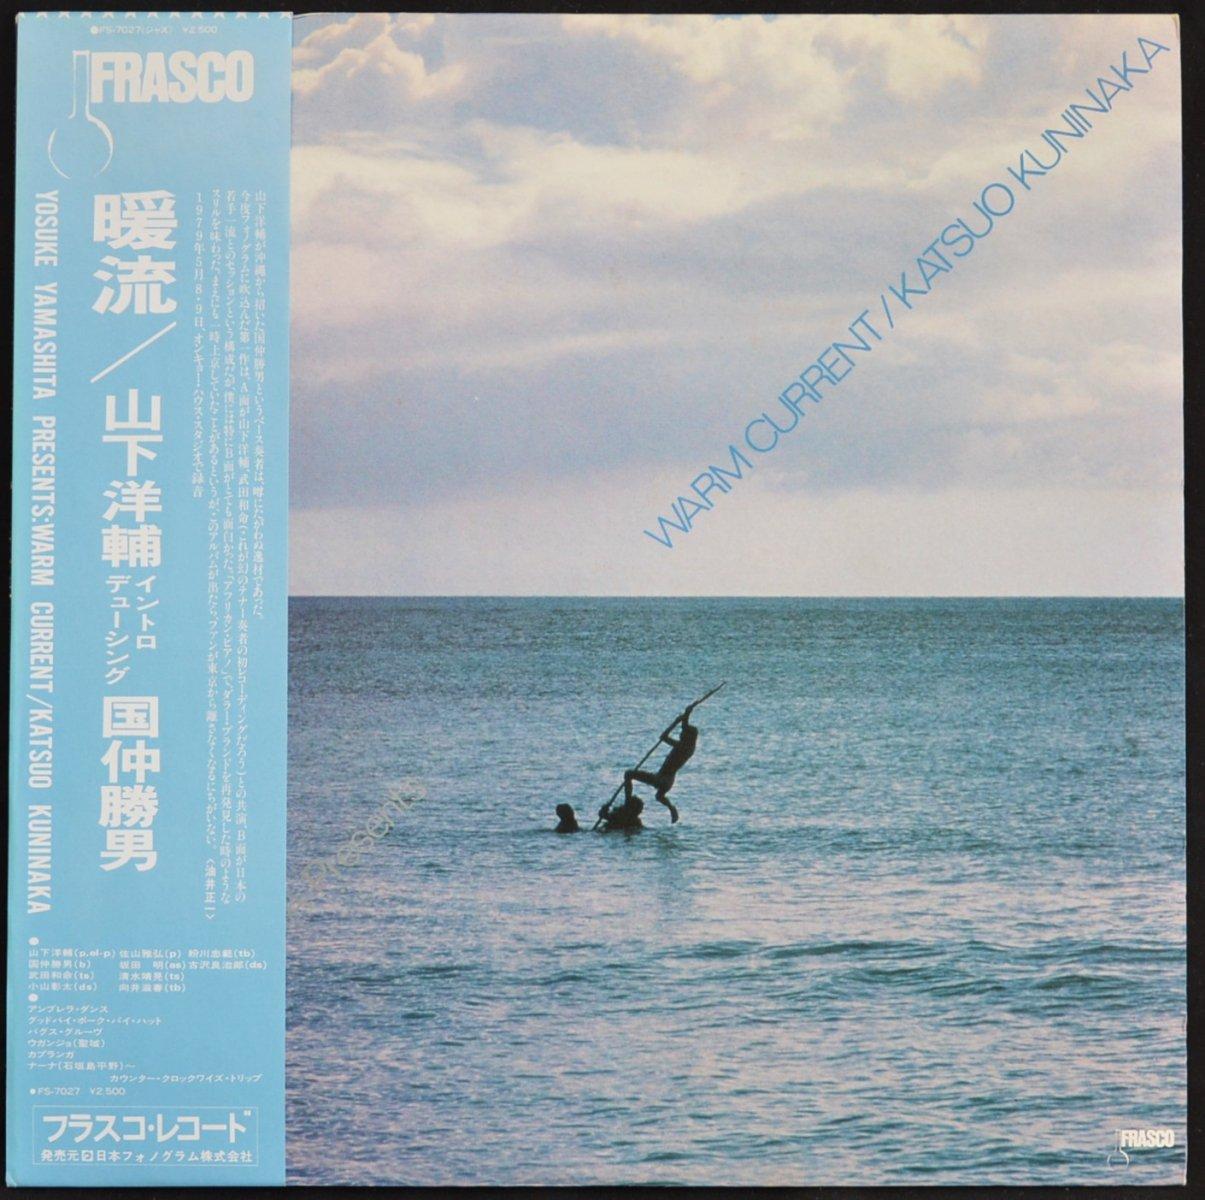 国仲勝男 KATSUO KUNINAKA (山下洋輔イントロデューシング) / 暖流 WARM CURRENT (LP)